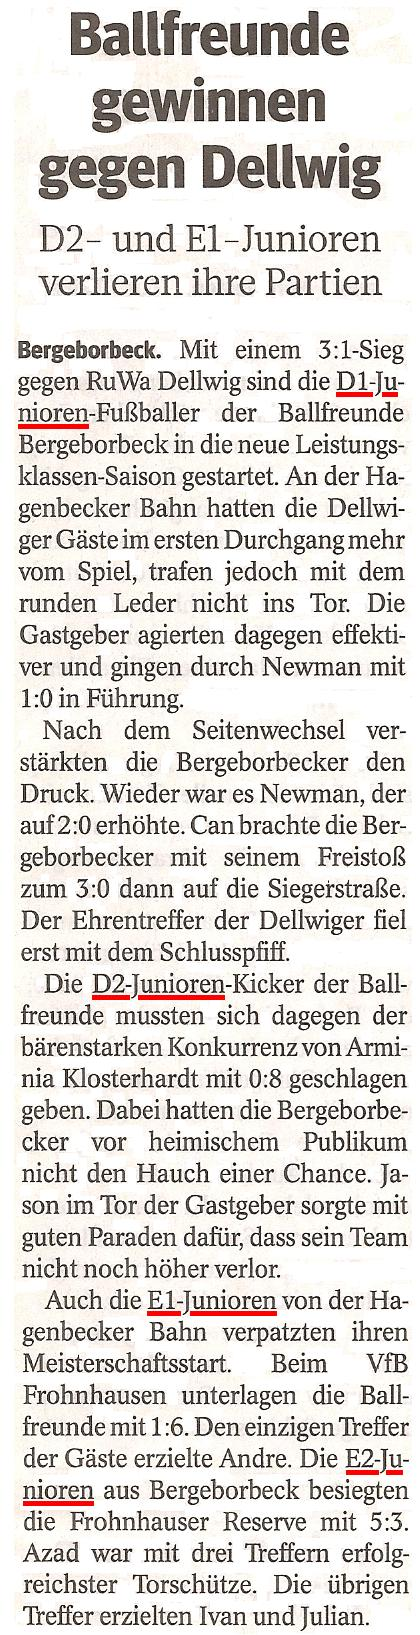 Die WAZ berichtet über die Spiele der E- und D-Junioren von Ballfreunde